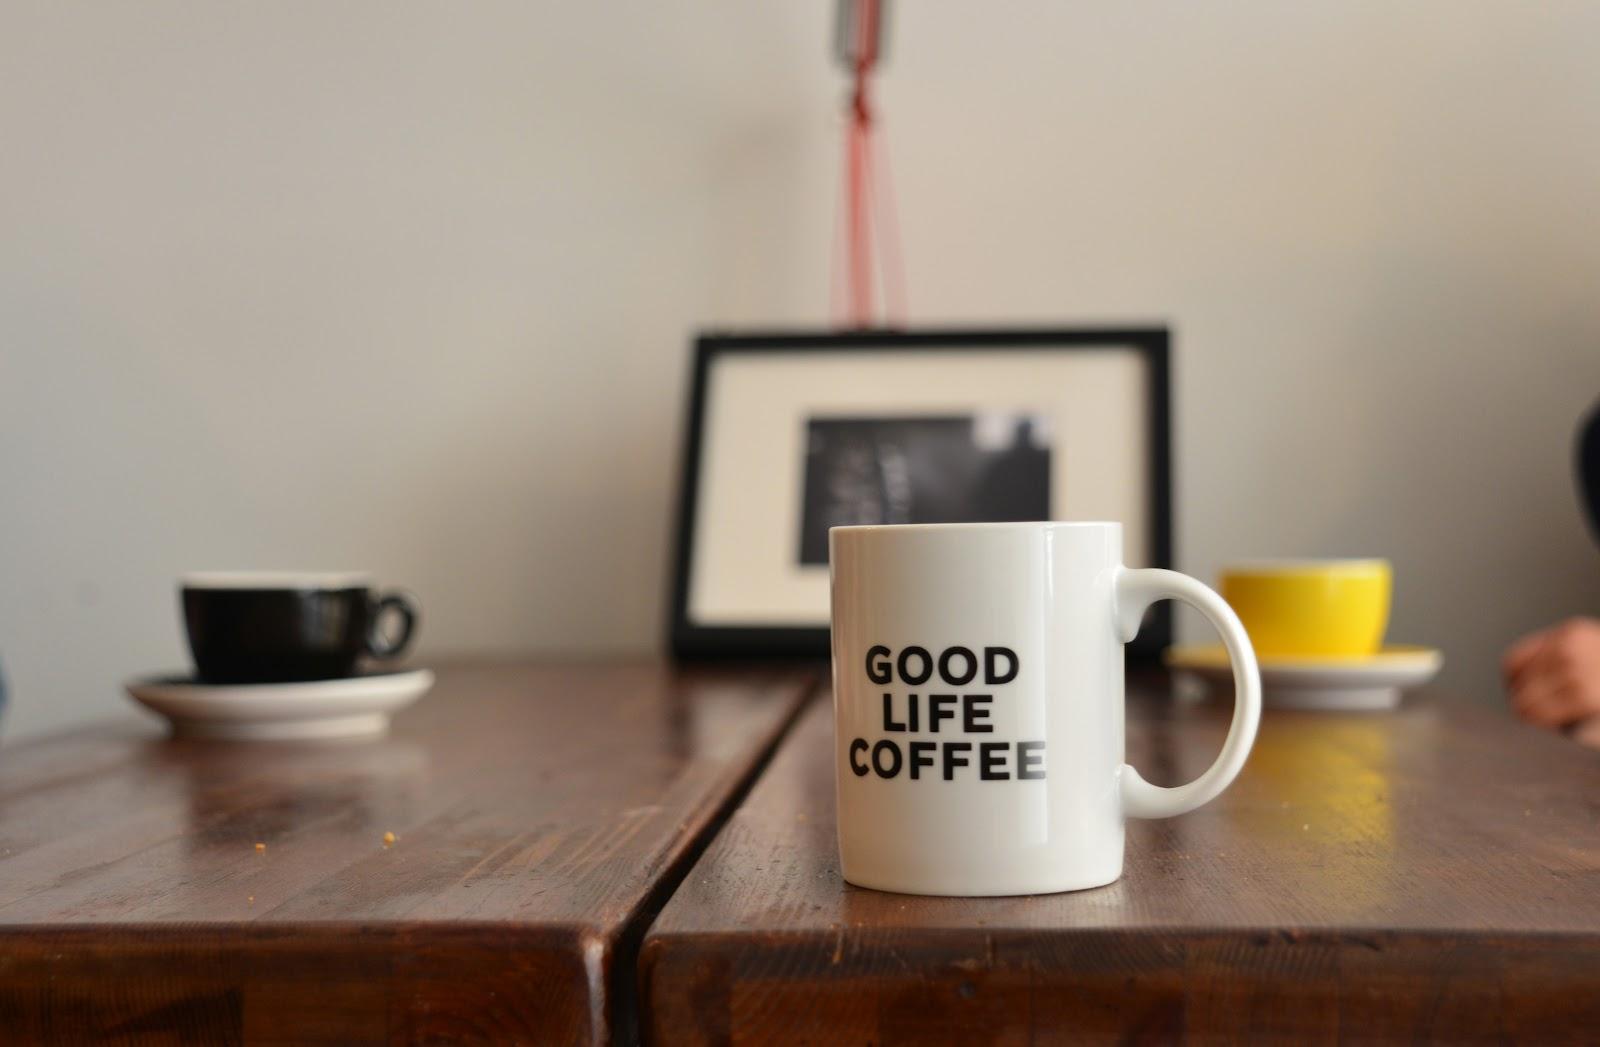 Cà phê và cuộc sống